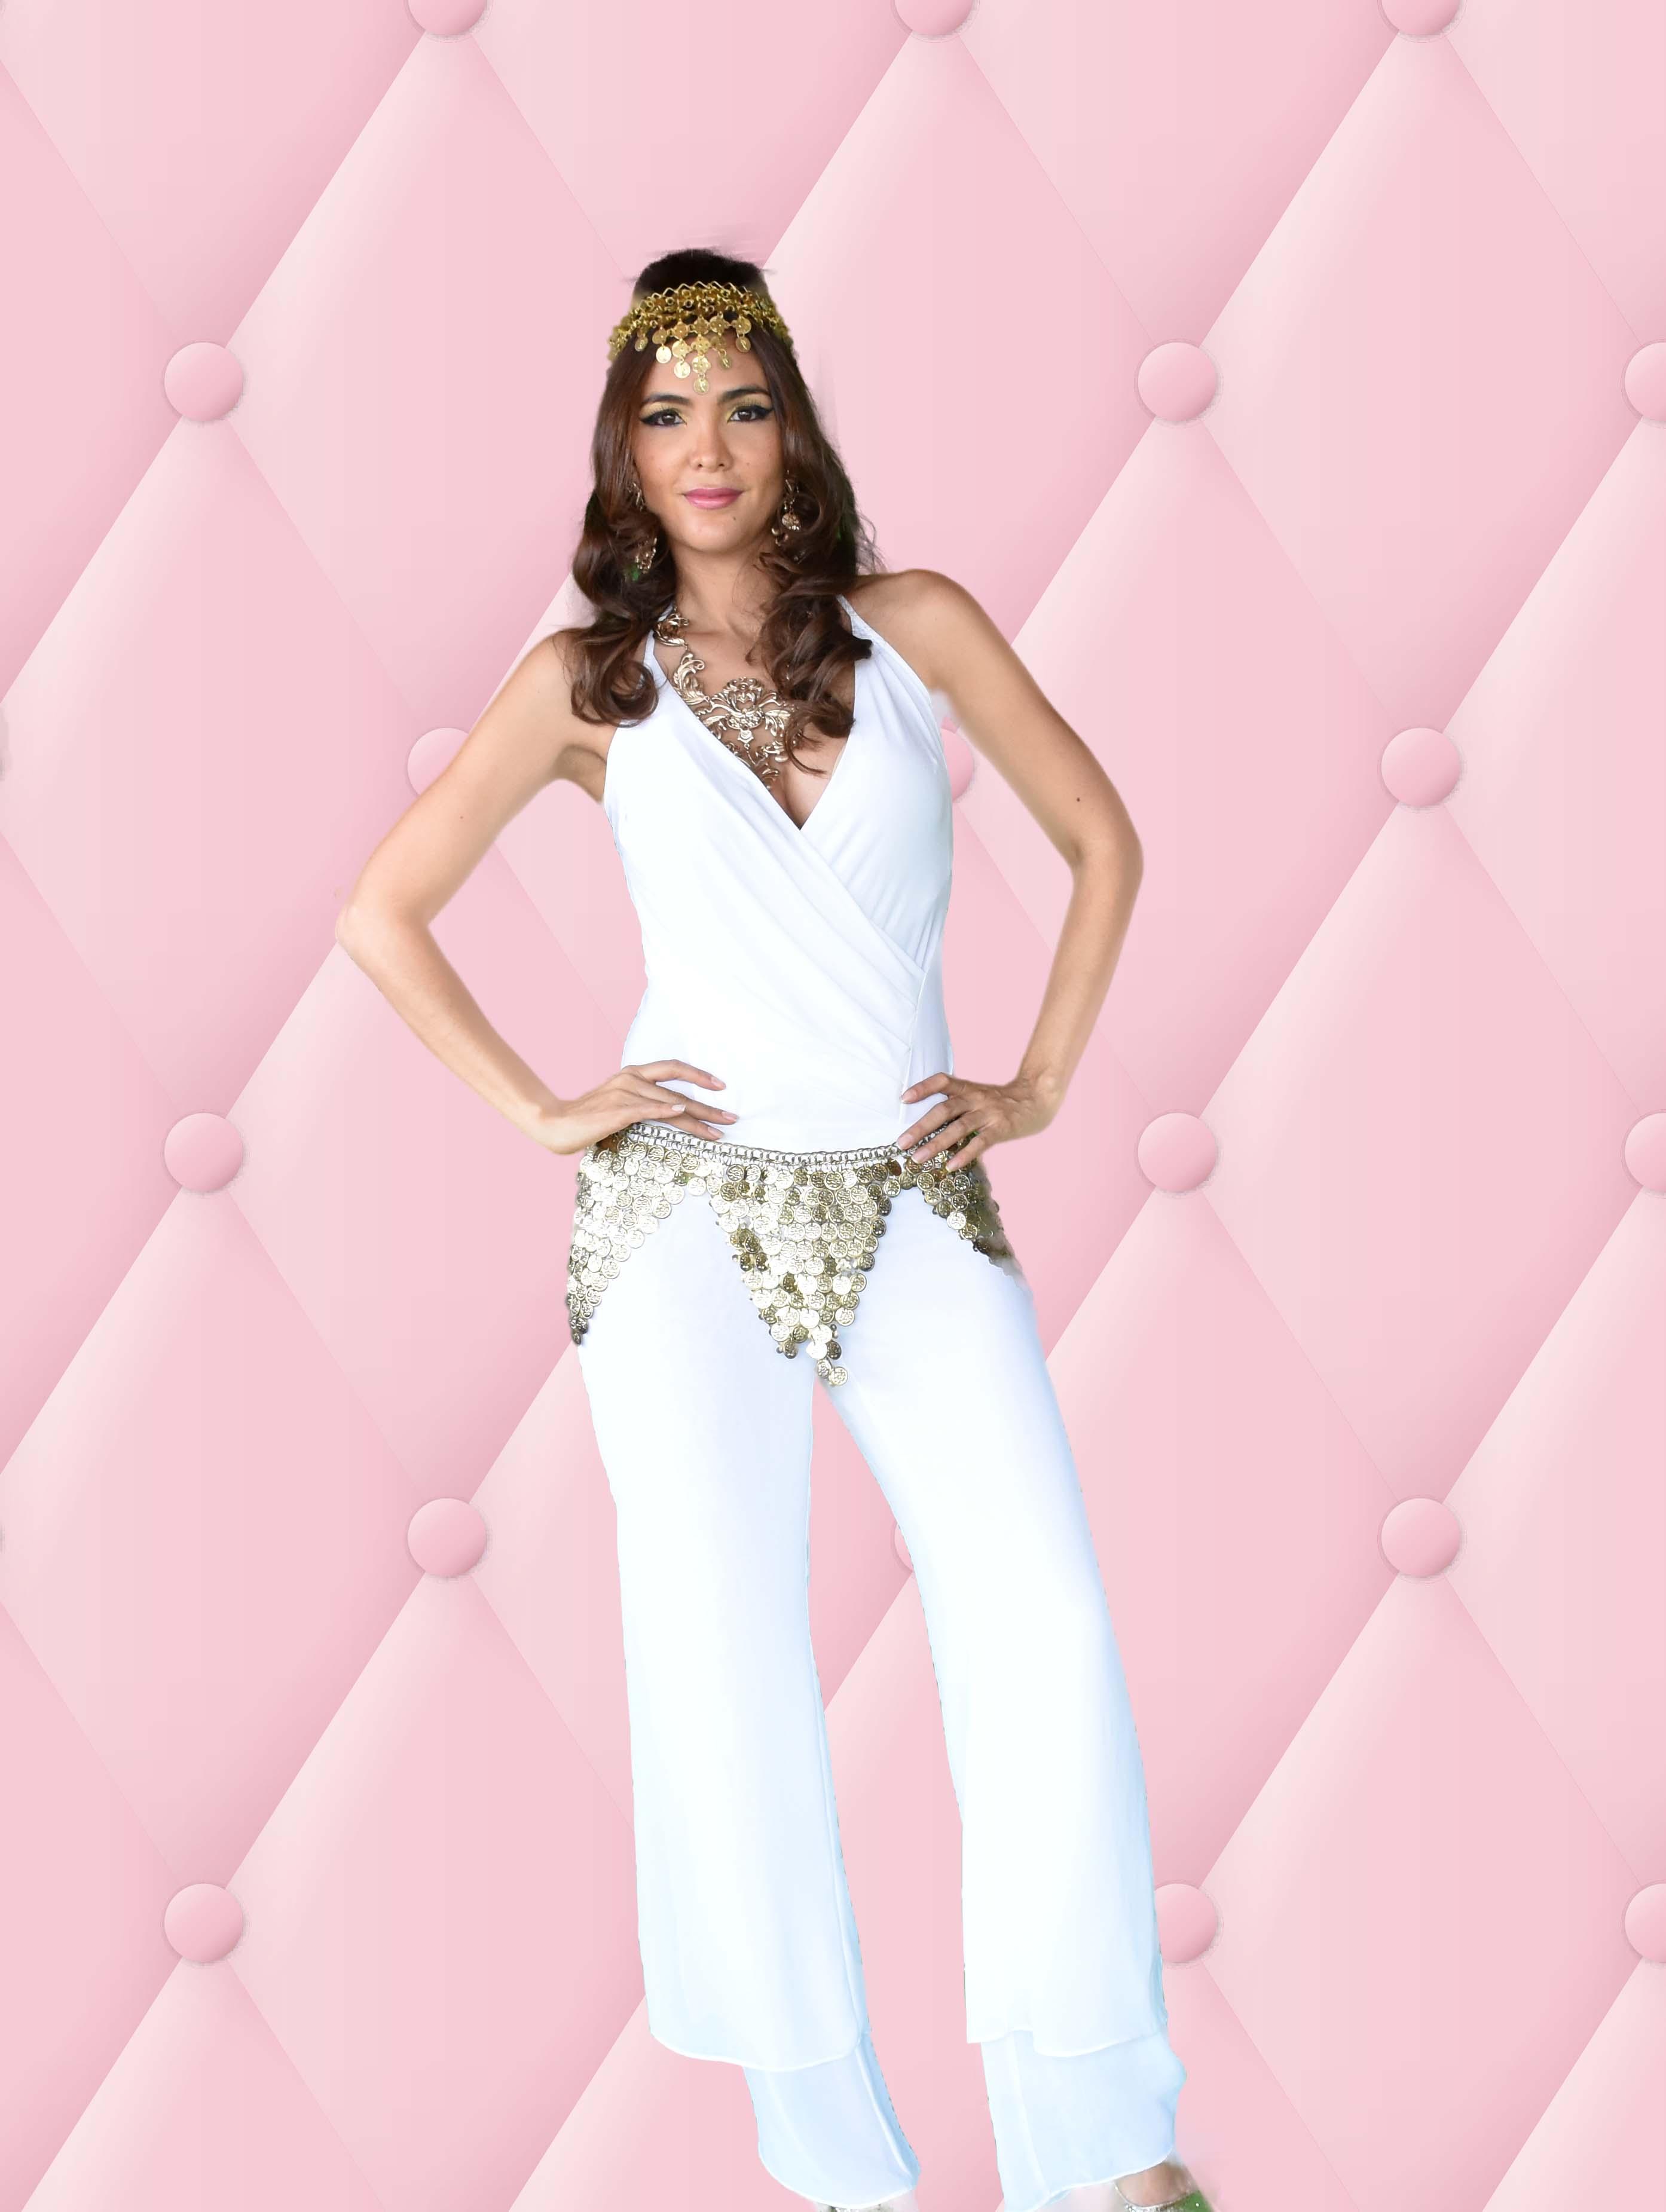 Increíble Vestir Para La Fiesta De Halloween Festooning - Ideas de ...